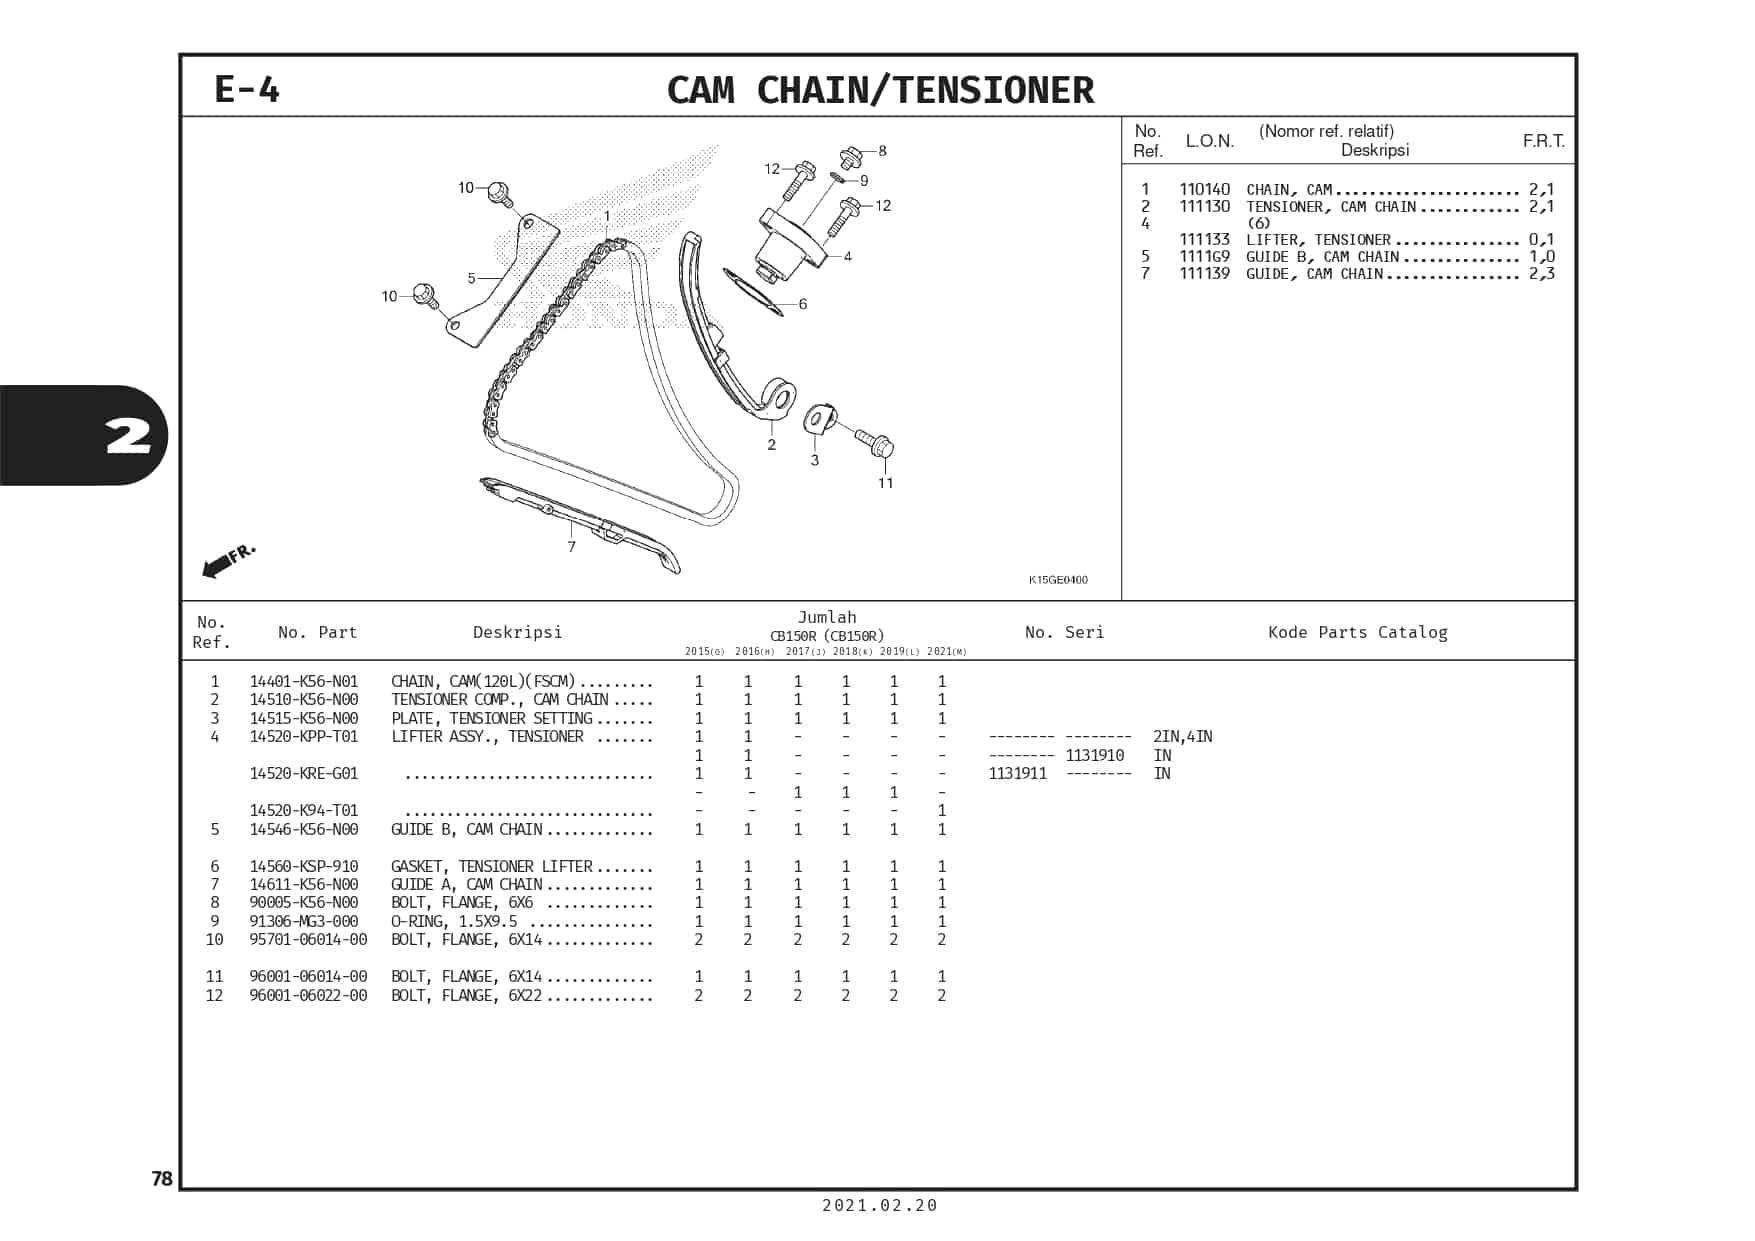 E-4 Cam Chai/ Tensioner